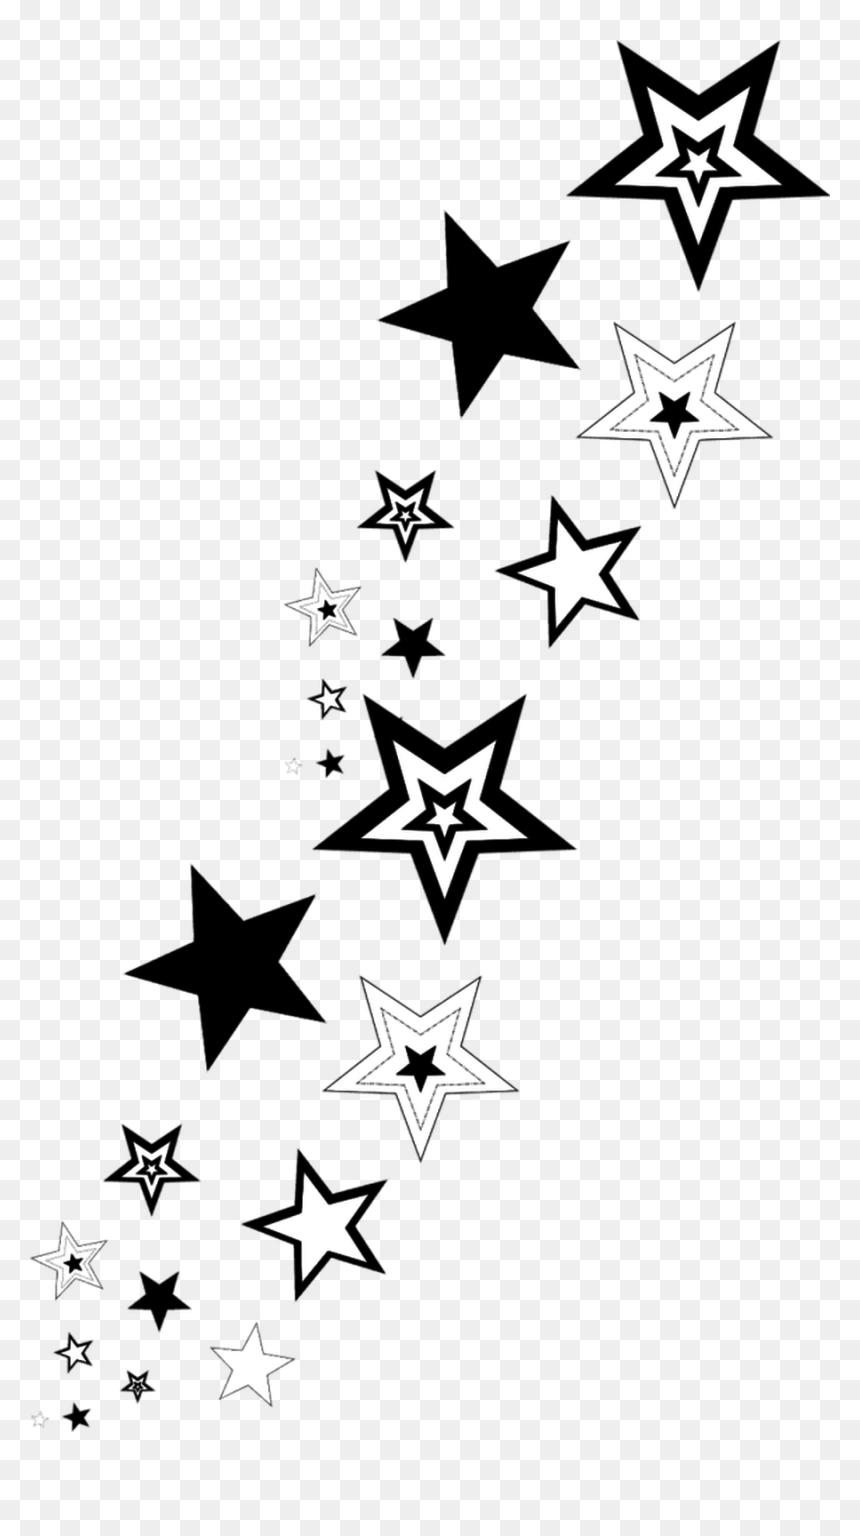 Star Tattoo Png : tattoo, Transparent, Stars, Tattoo, Download, 900x1566, DLF.PT